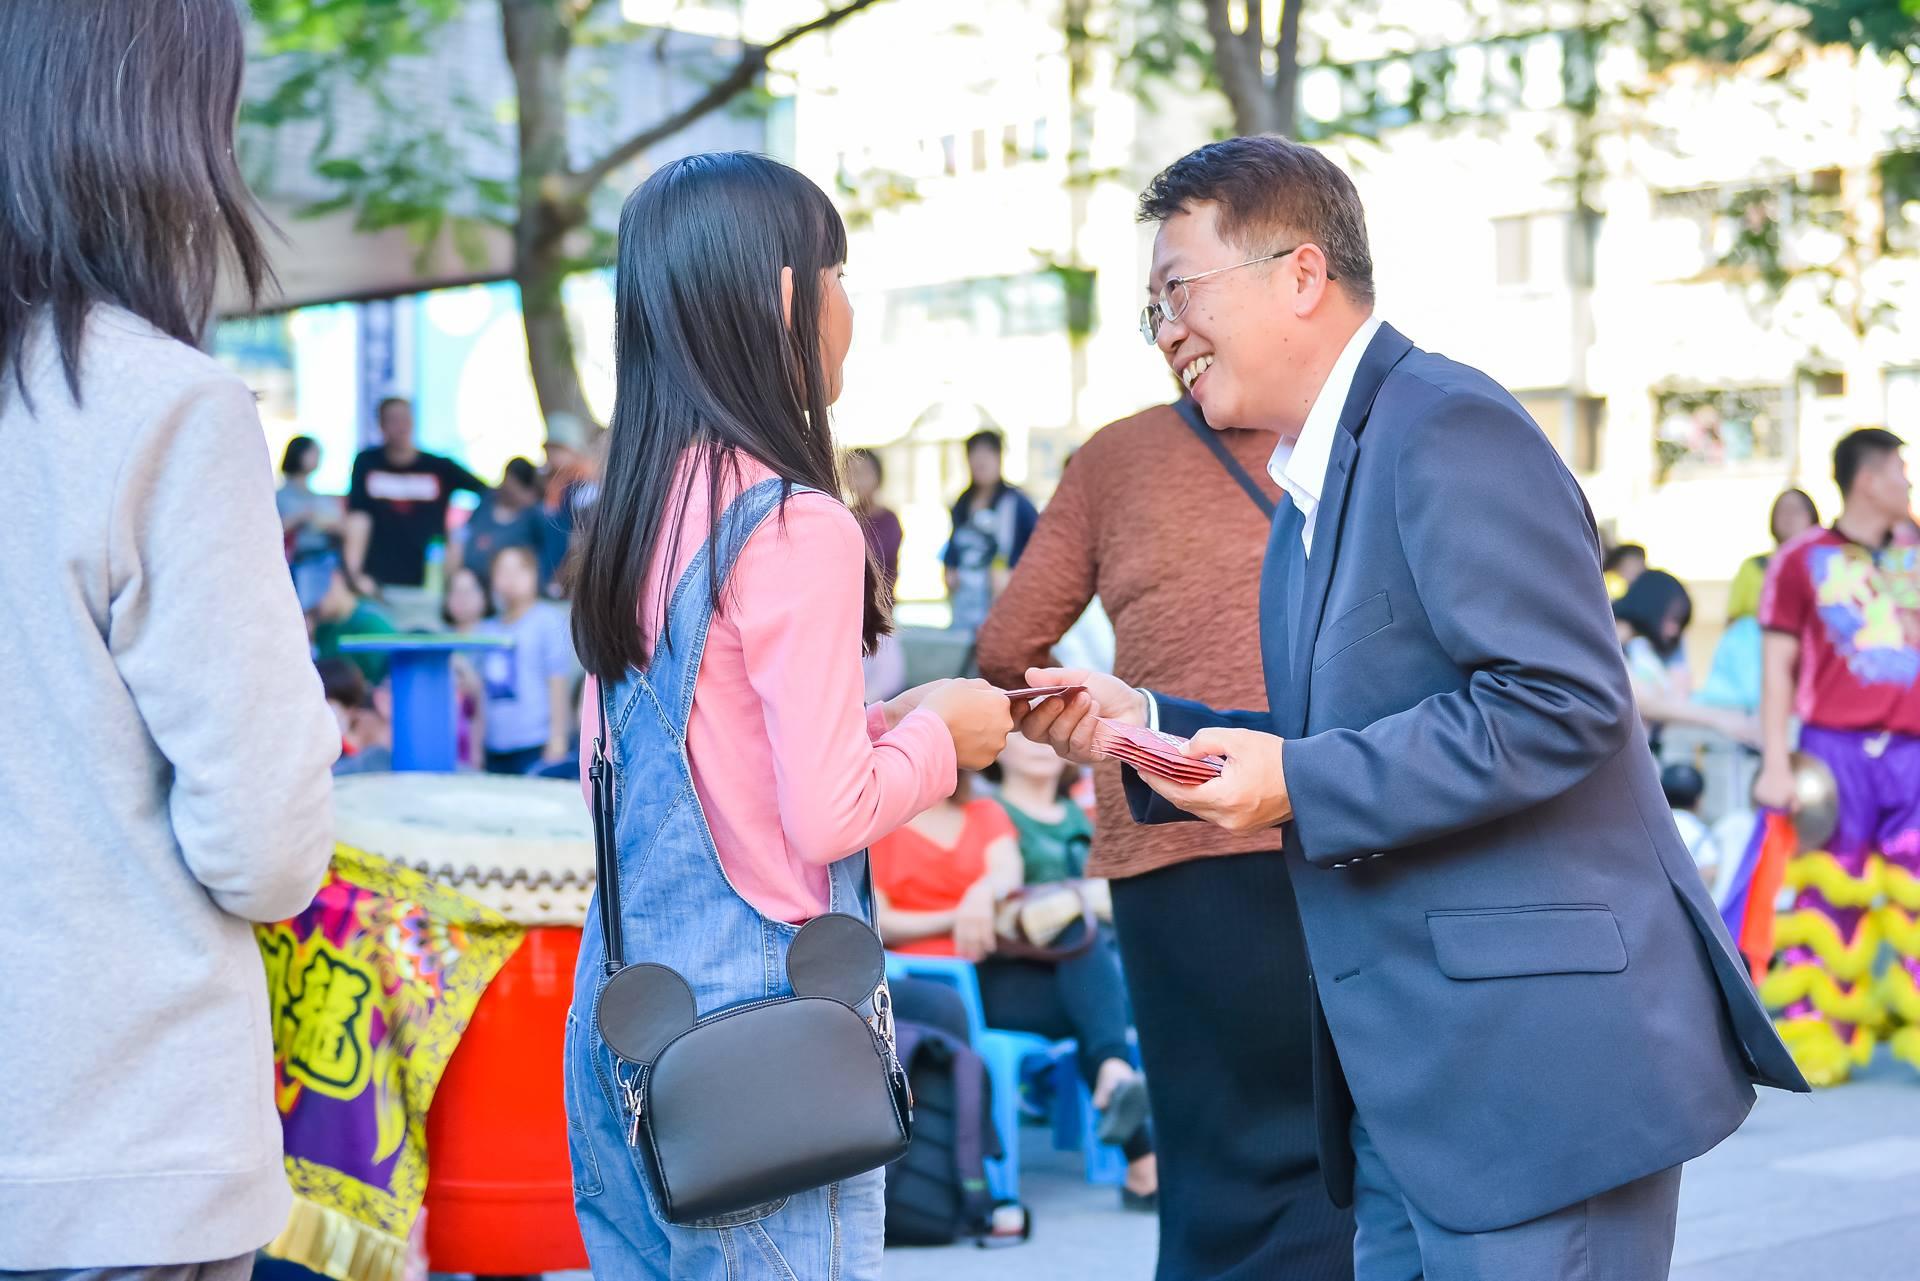 大墩文化中心陳主任文進發放紅包,讓民眾在新年就有好彩頭。_FileDescript